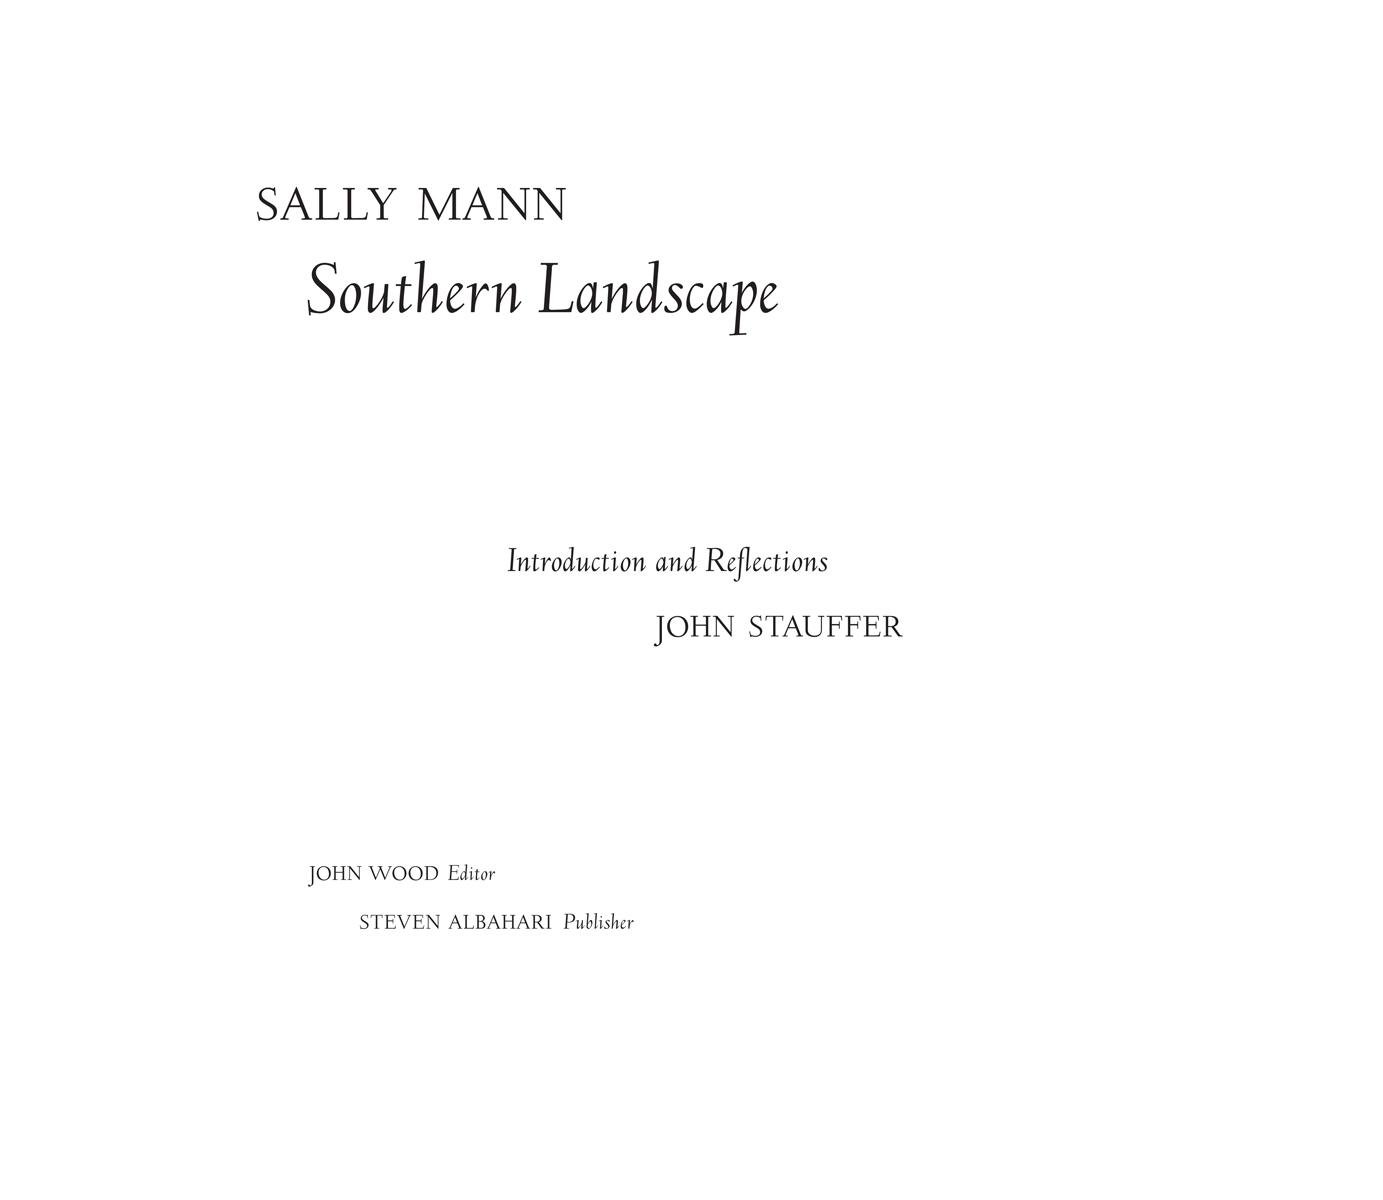 Sally Mann, Southern Landscape